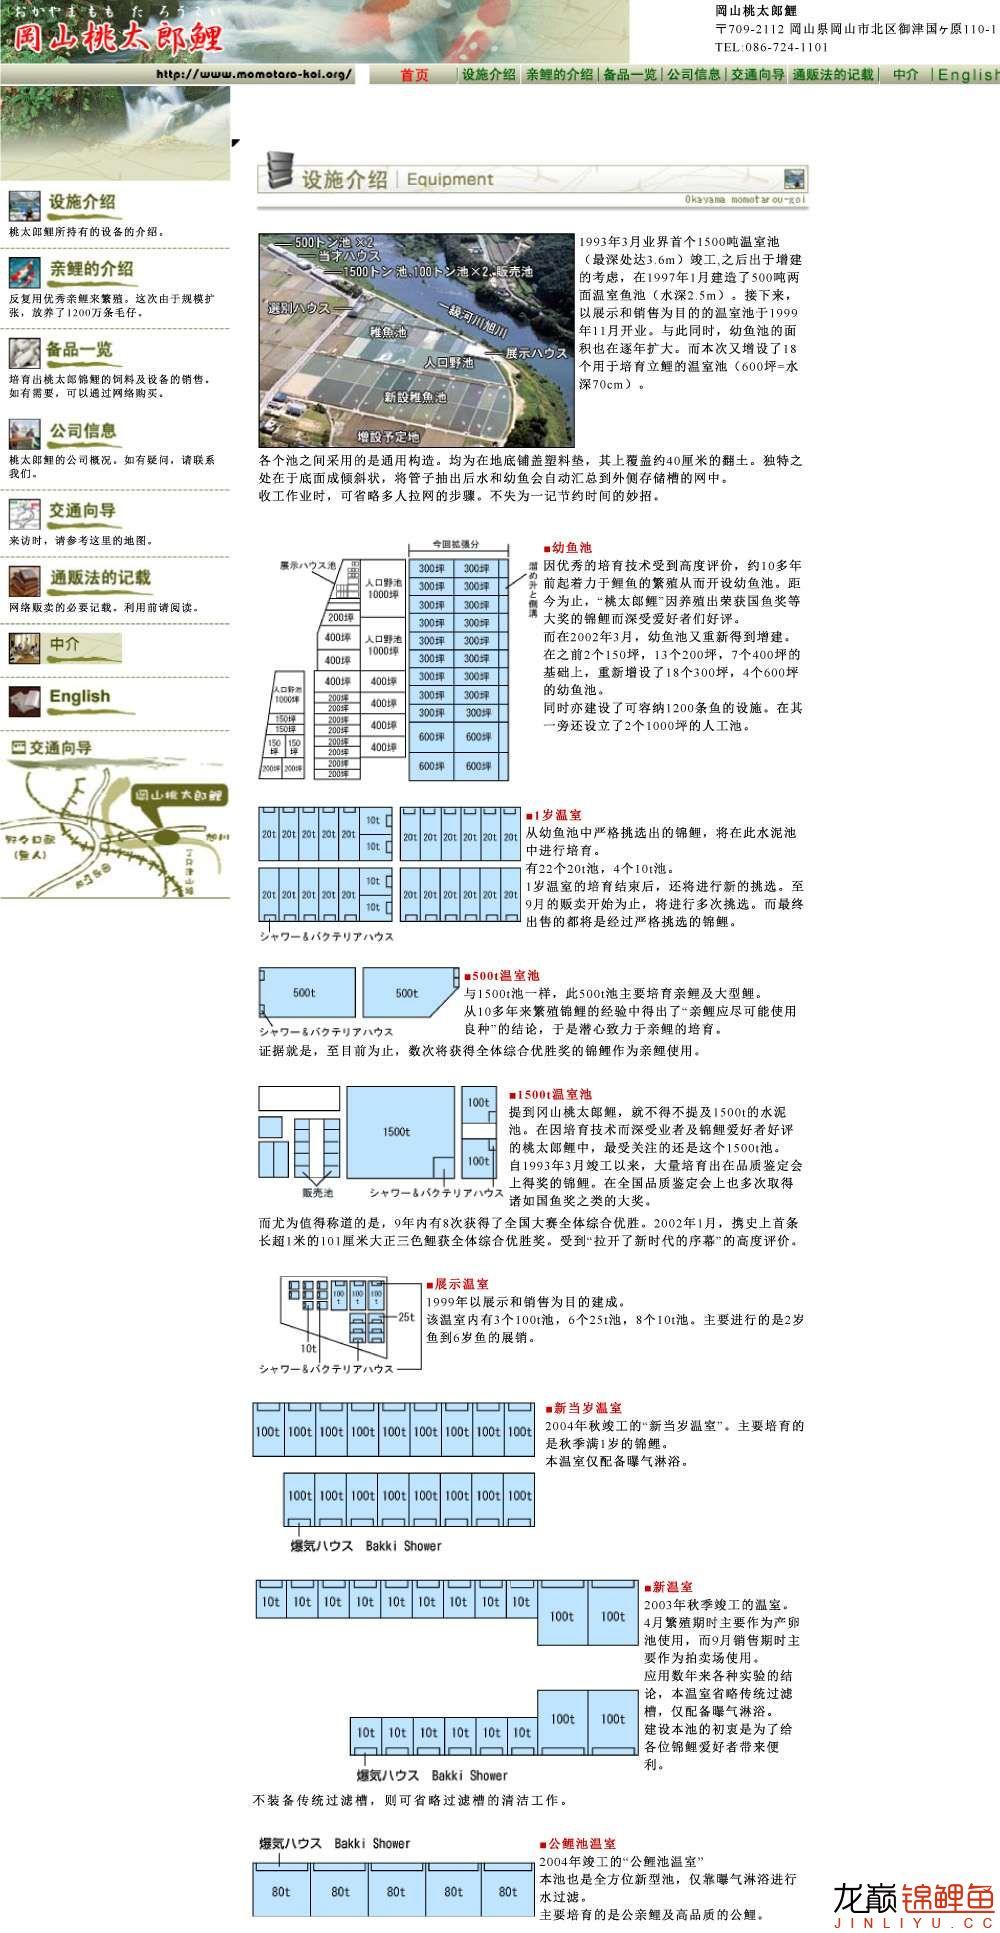 桃太郎设施.jpg